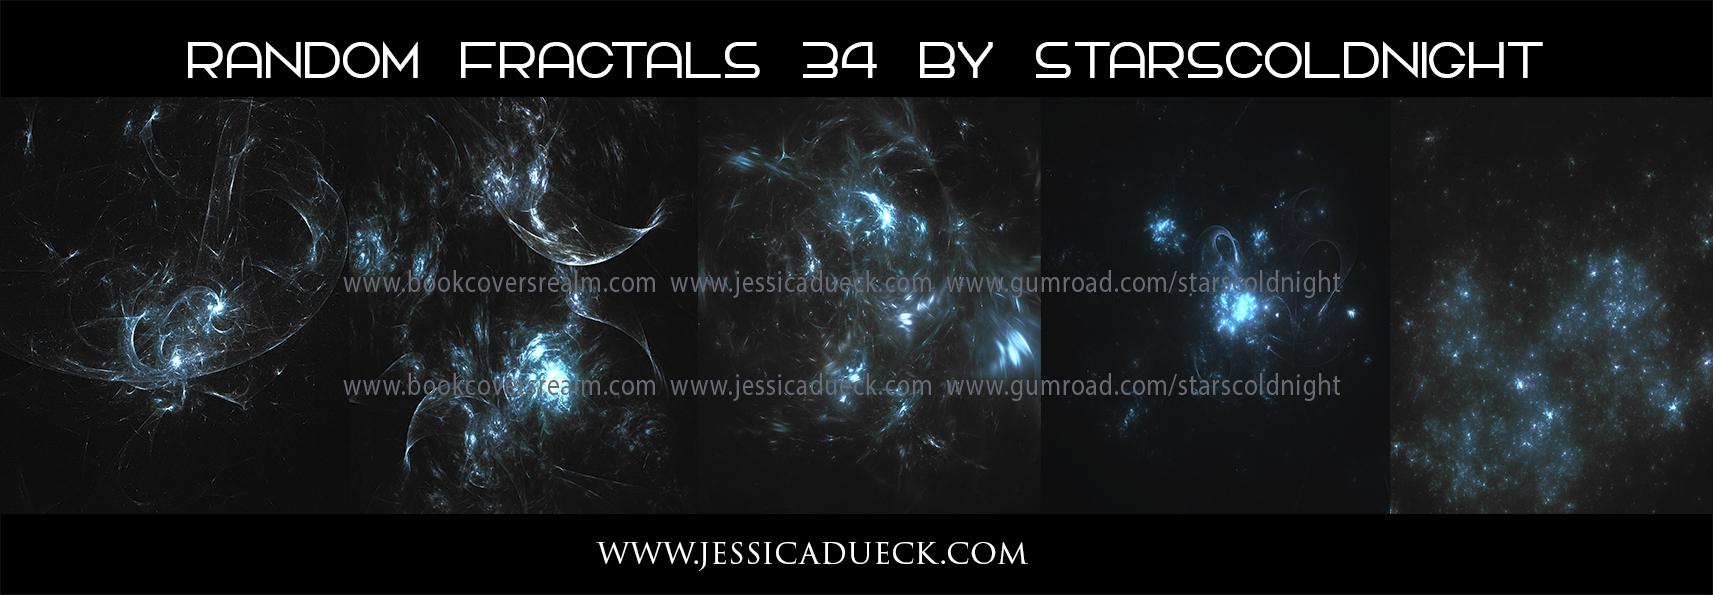 Random fractals 34 by Starscoldnight